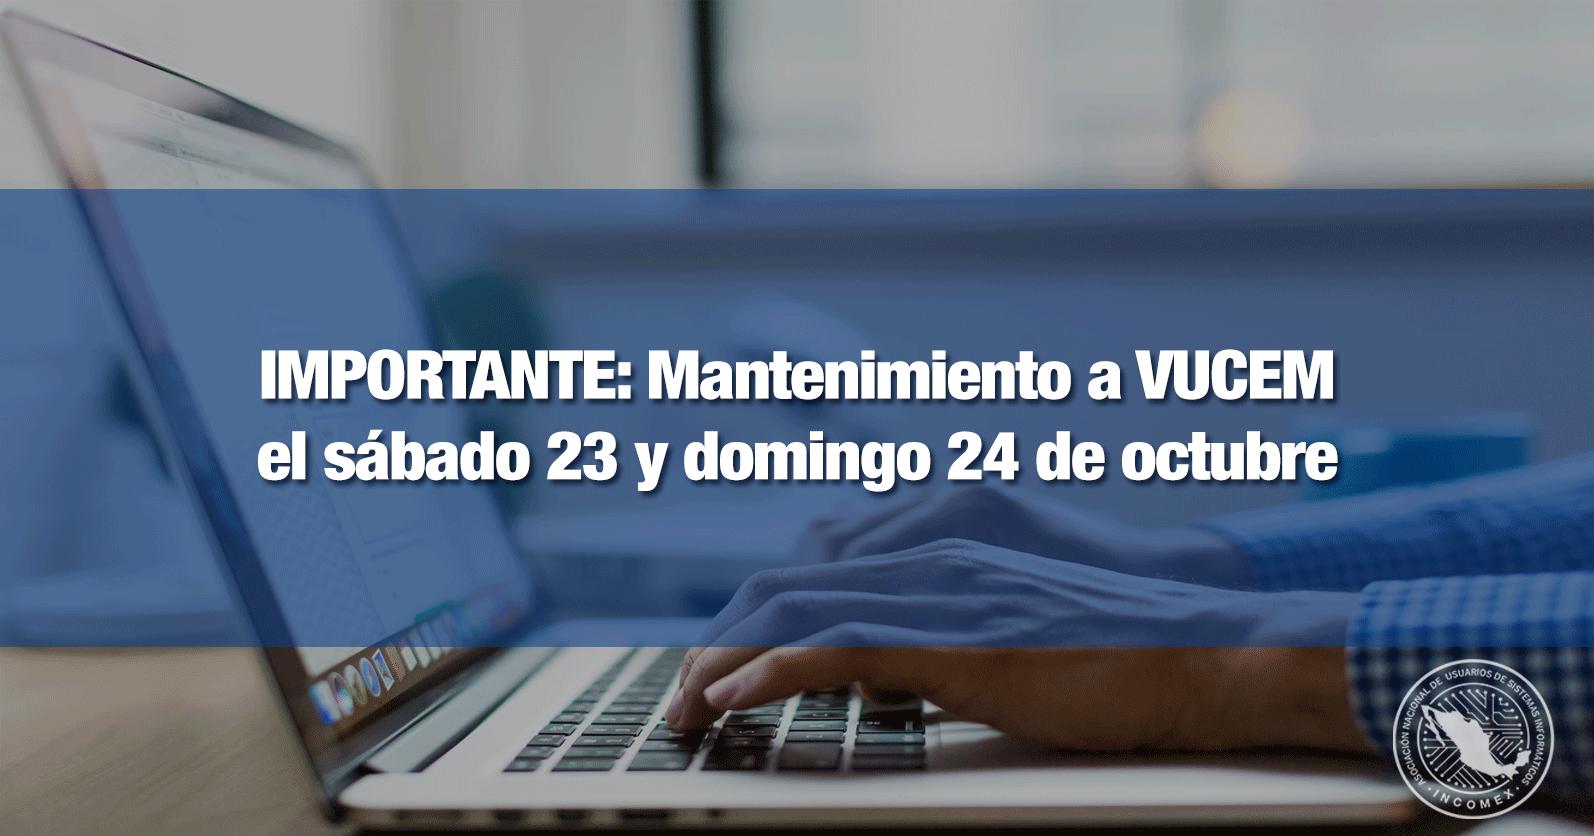 IMPORTANTE: Mantenimiento a VUCEM el sábado 23 y domingo 24 de octubre